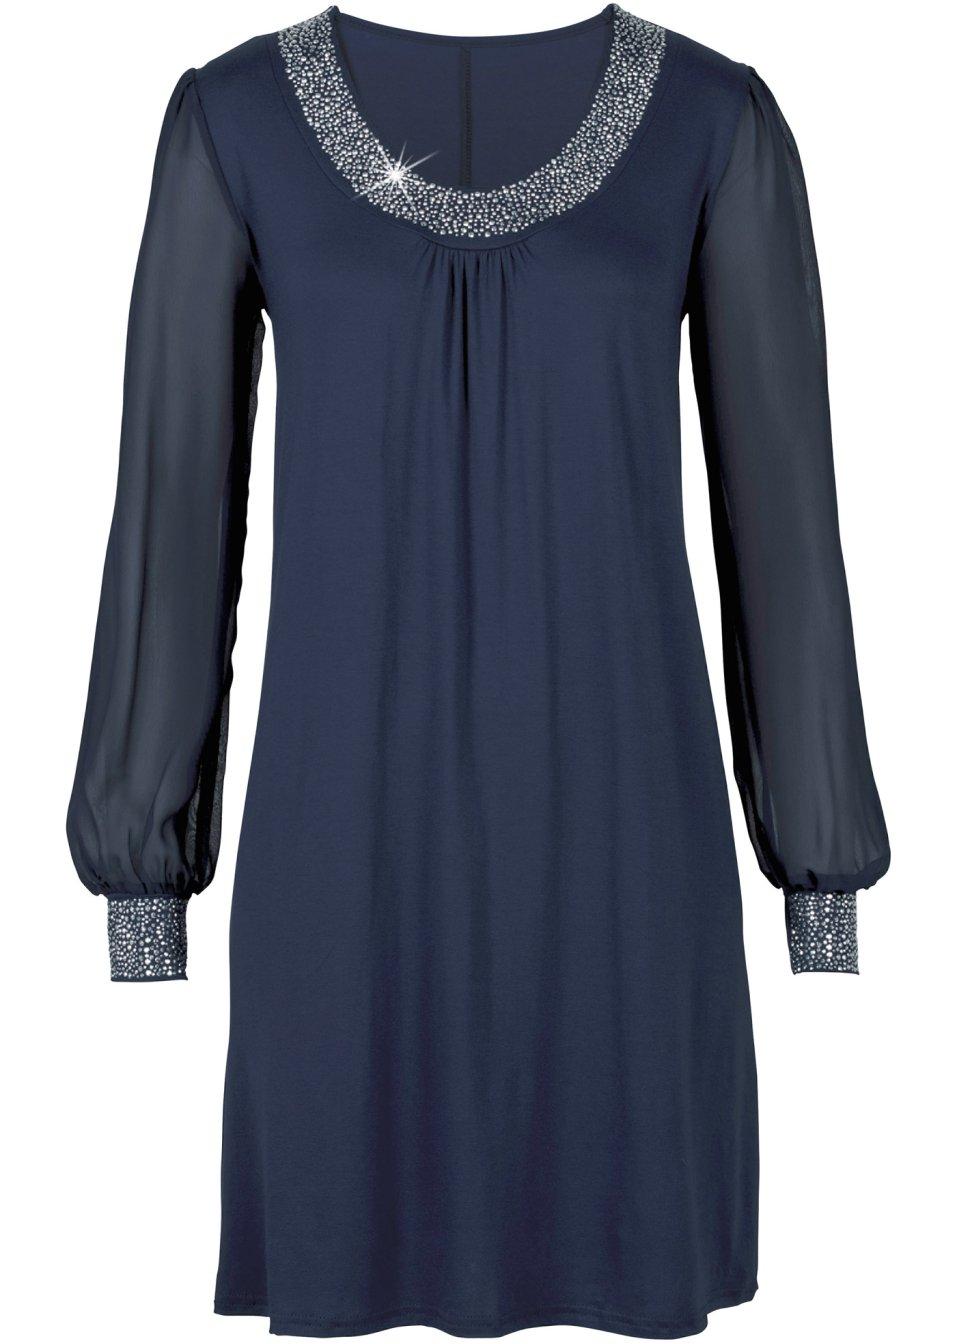 feminines kleid mit dekosteinen dunkelblau. Black Bedroom Furniture Sets. Home Design Ideas